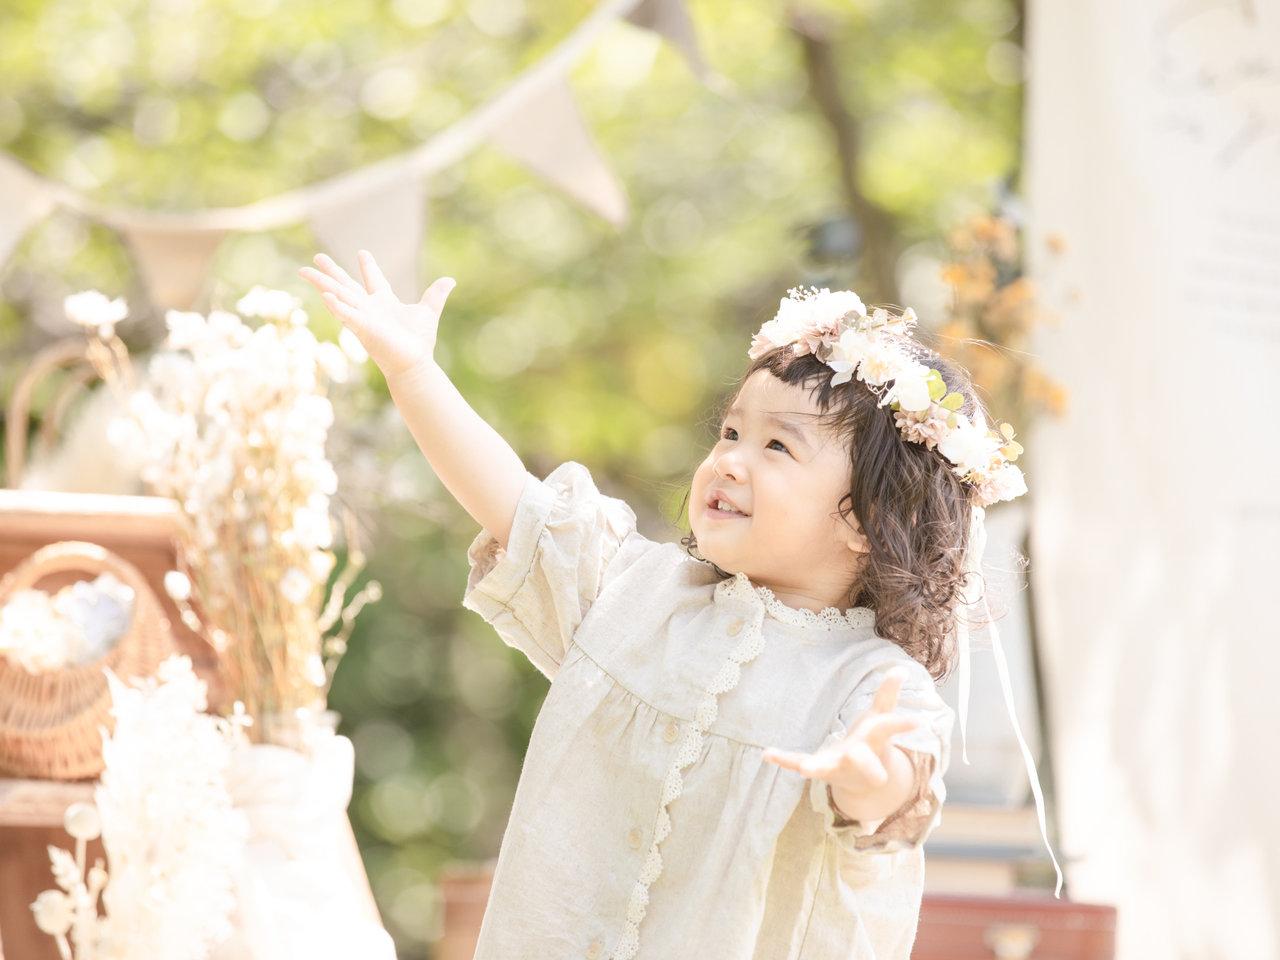 子ども達の笑顔が地域の未来をつくる。岡山のママプランニングチーム「村上デザイン写真部」の取り組み